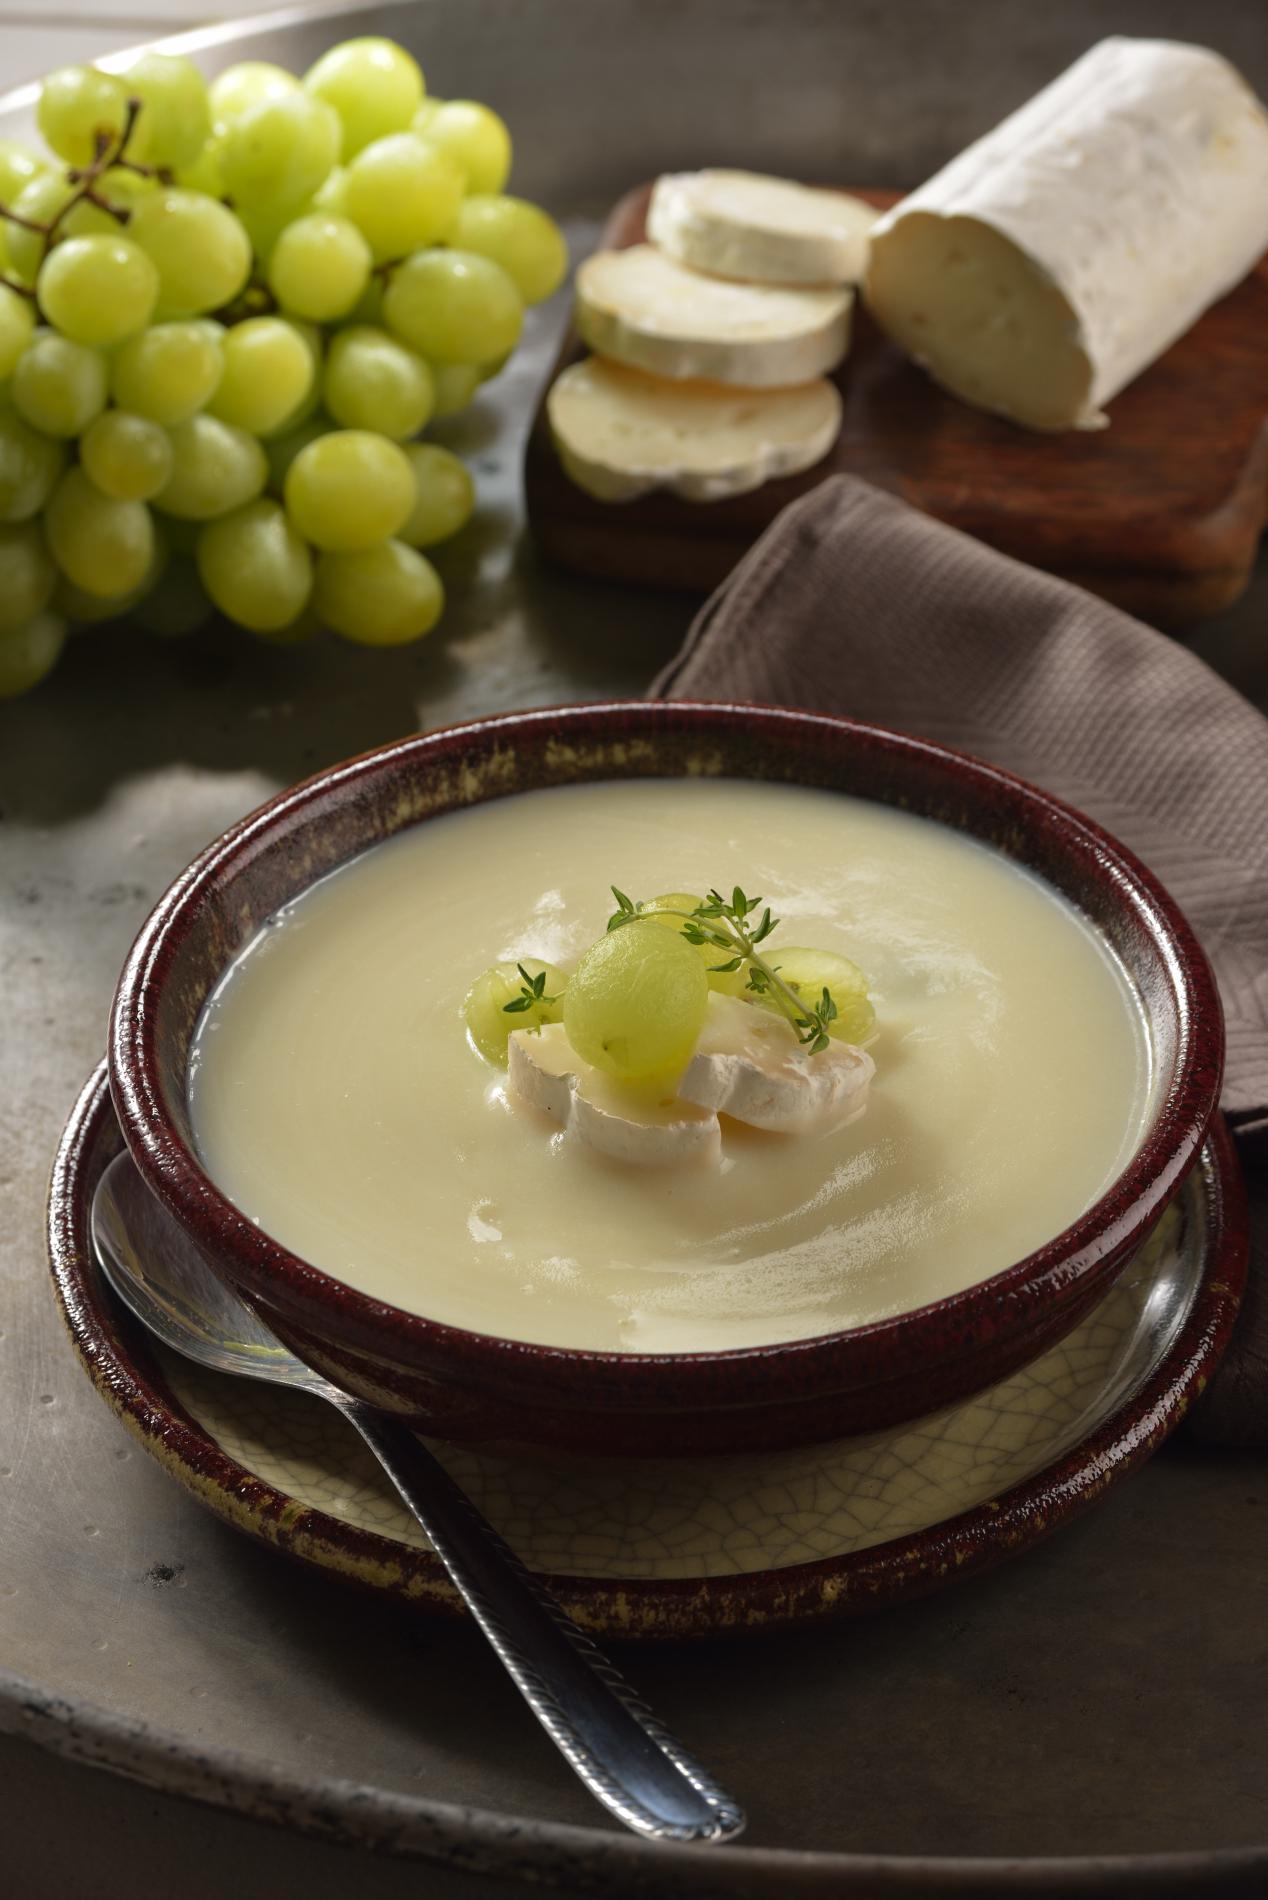 Crema de papa camembert con uvas